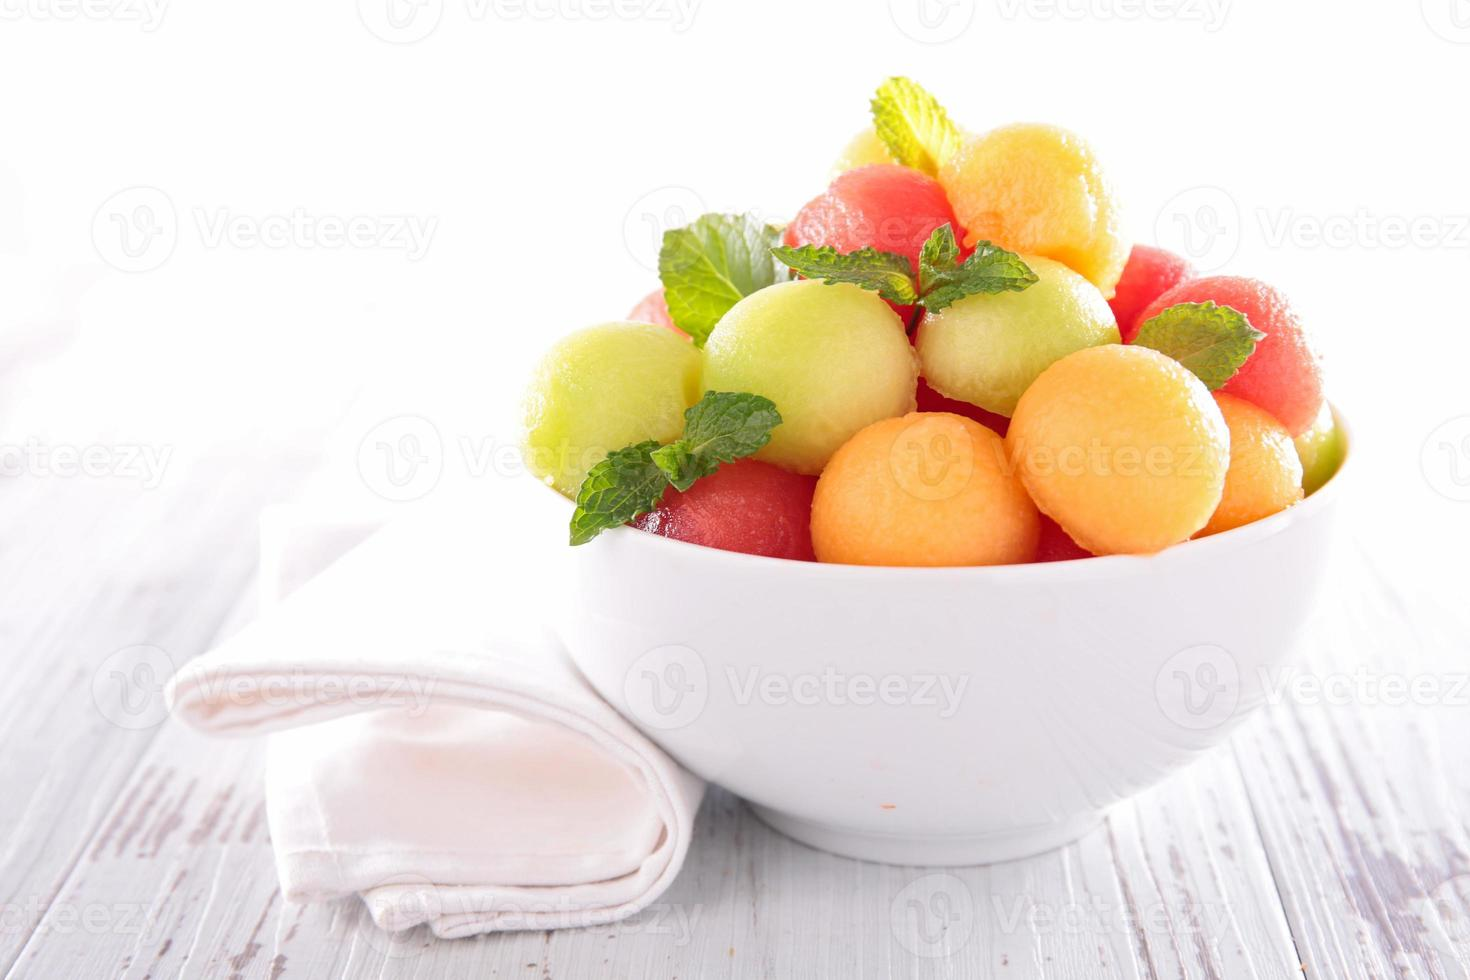 ensalada de frutas en un tazón foto